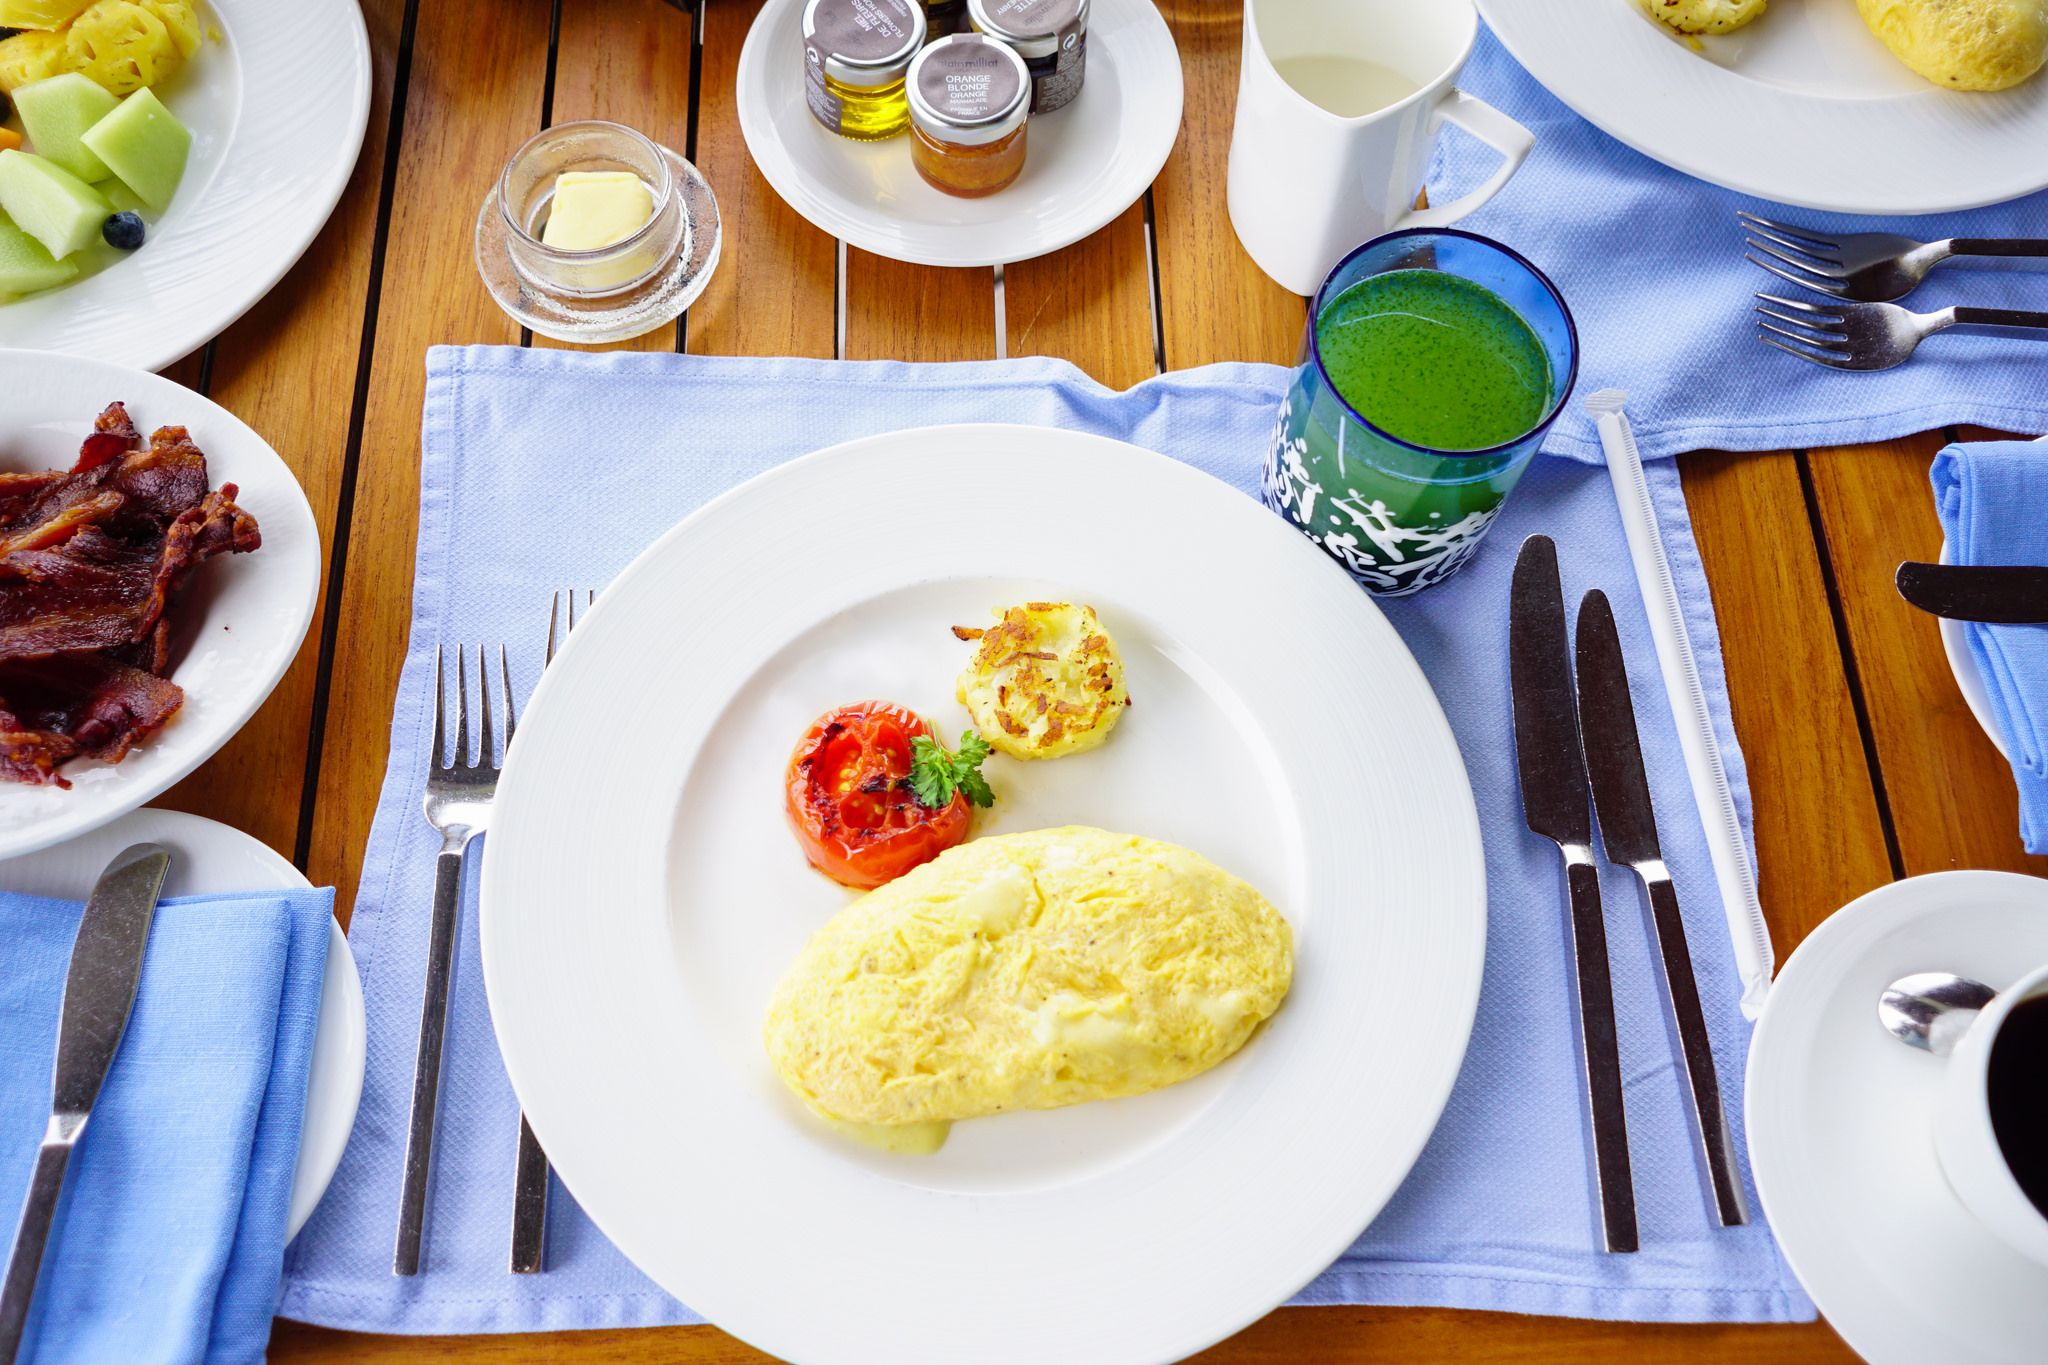 https://flic.kr/p/BKgcn6 | breakfast on the table